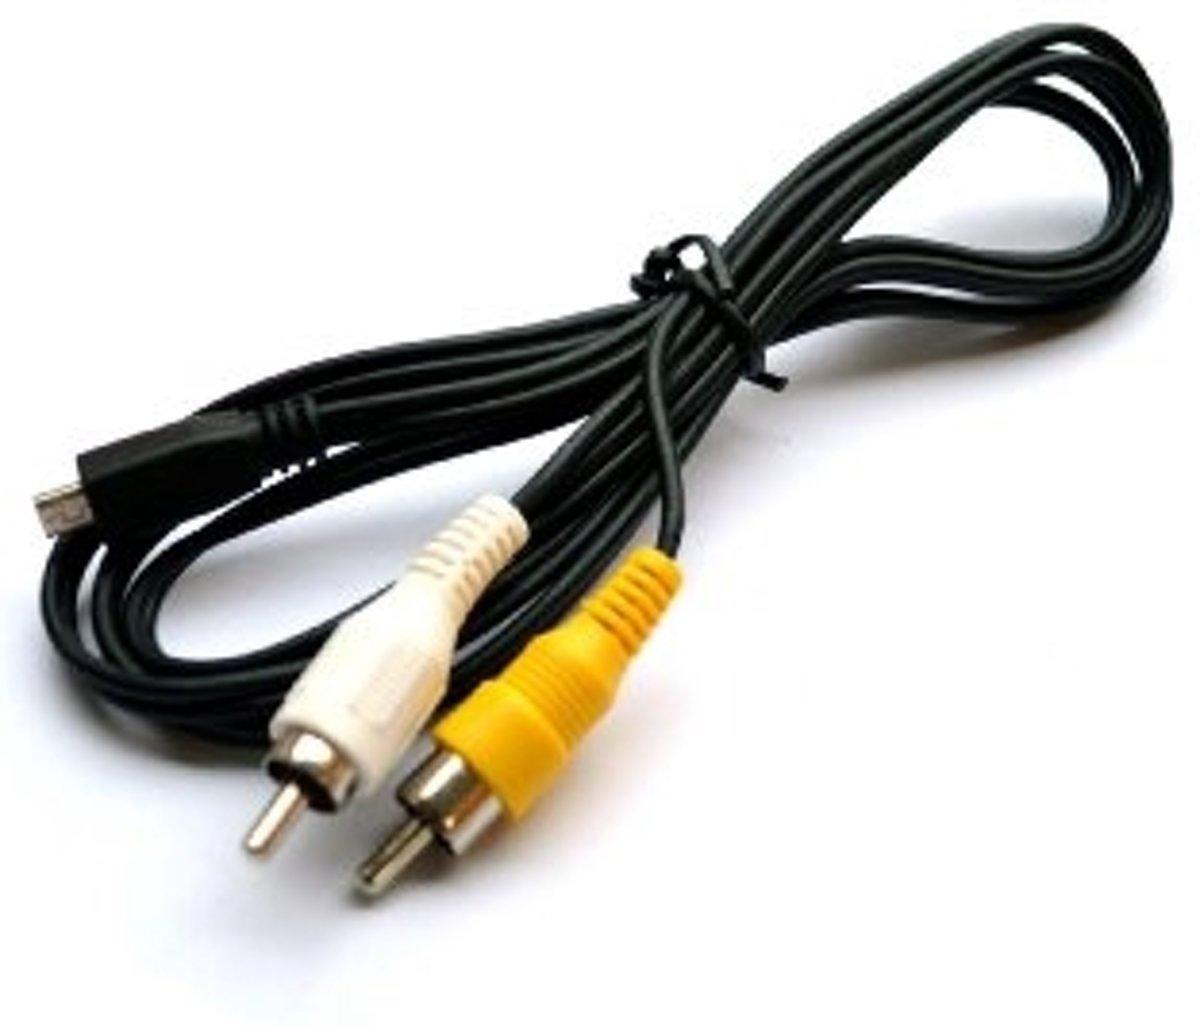 Video AV Kabel voor de Fuji FinePix AV295 (AV-C1) kopen